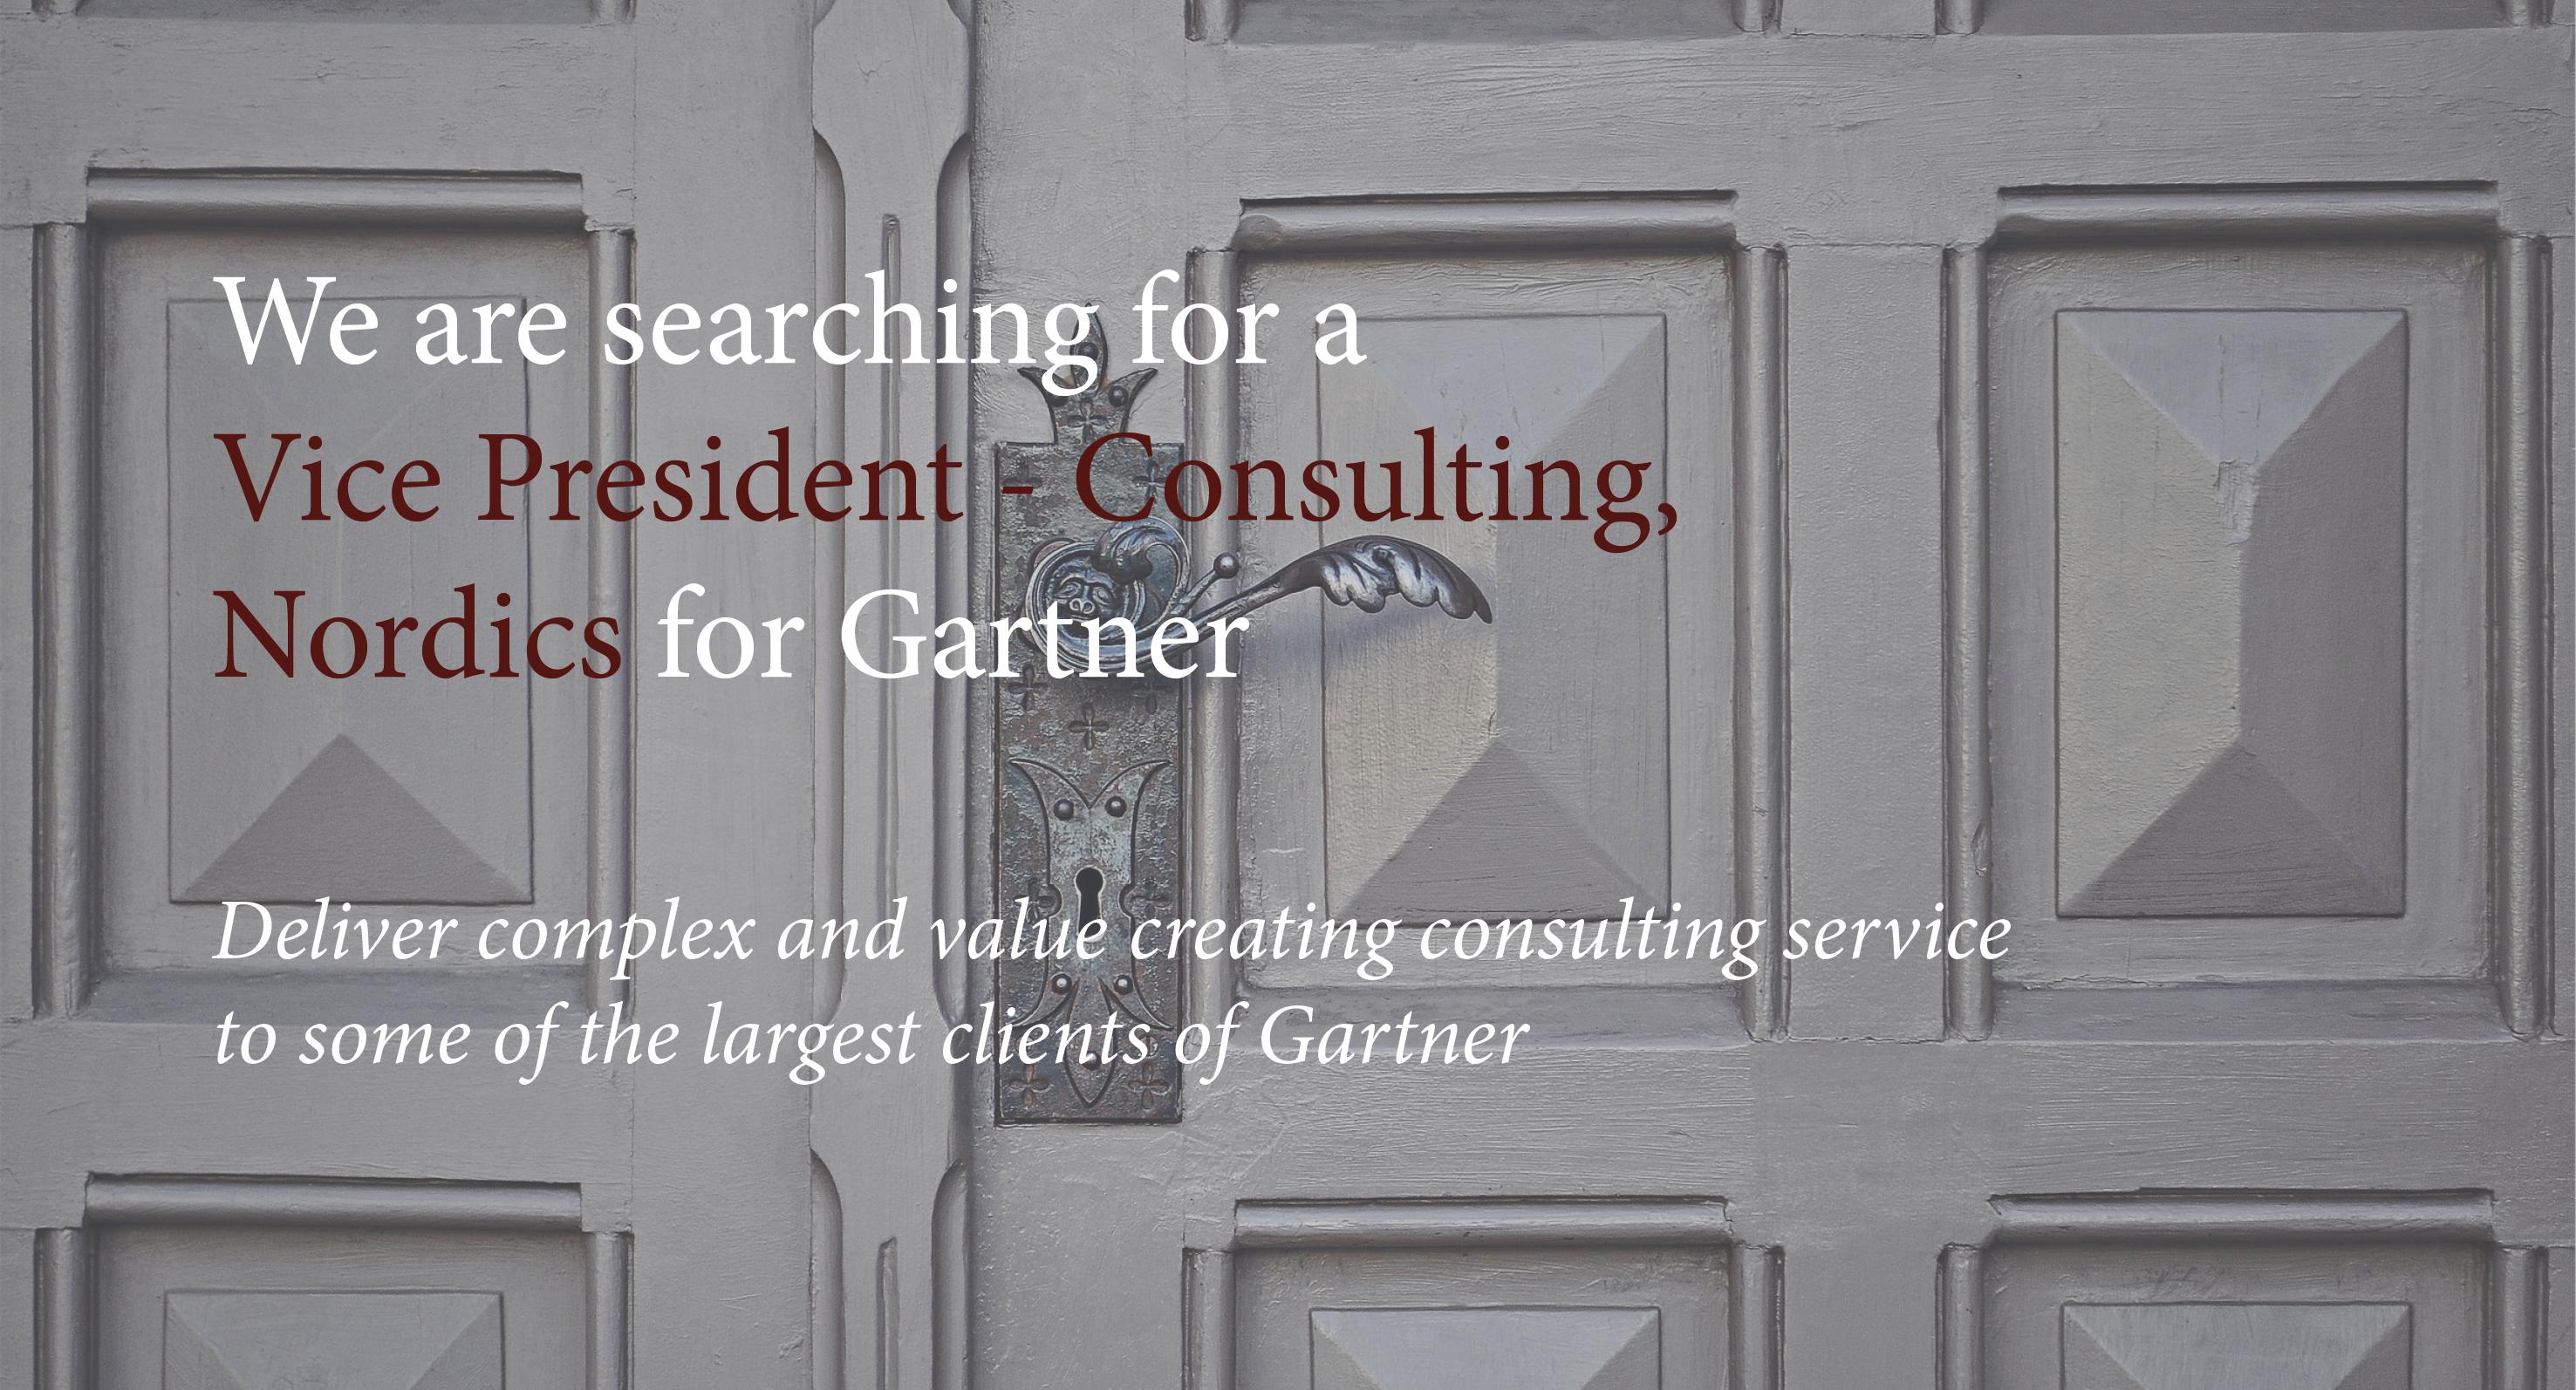 Gartner - Vice President